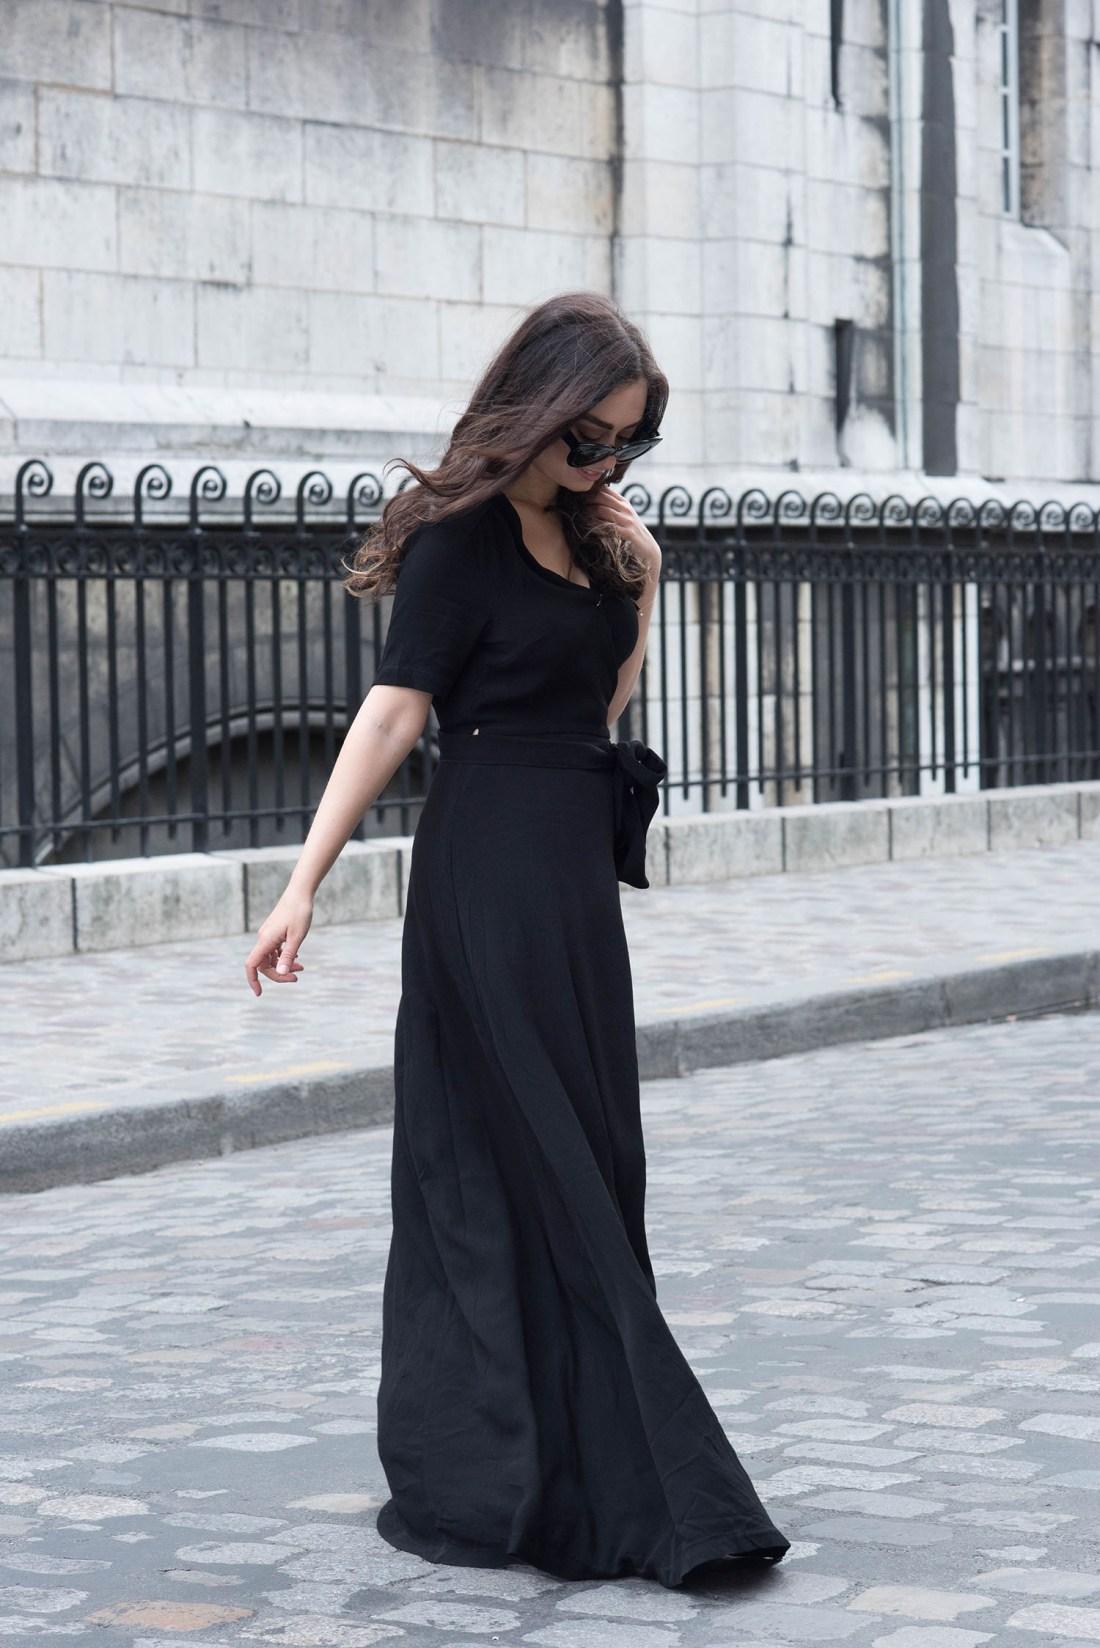 Winnipeg fashion blogger Cee Fardoe of Coco & Vera walks in Montmartre wearing a black Ivy & Oak wrap dress